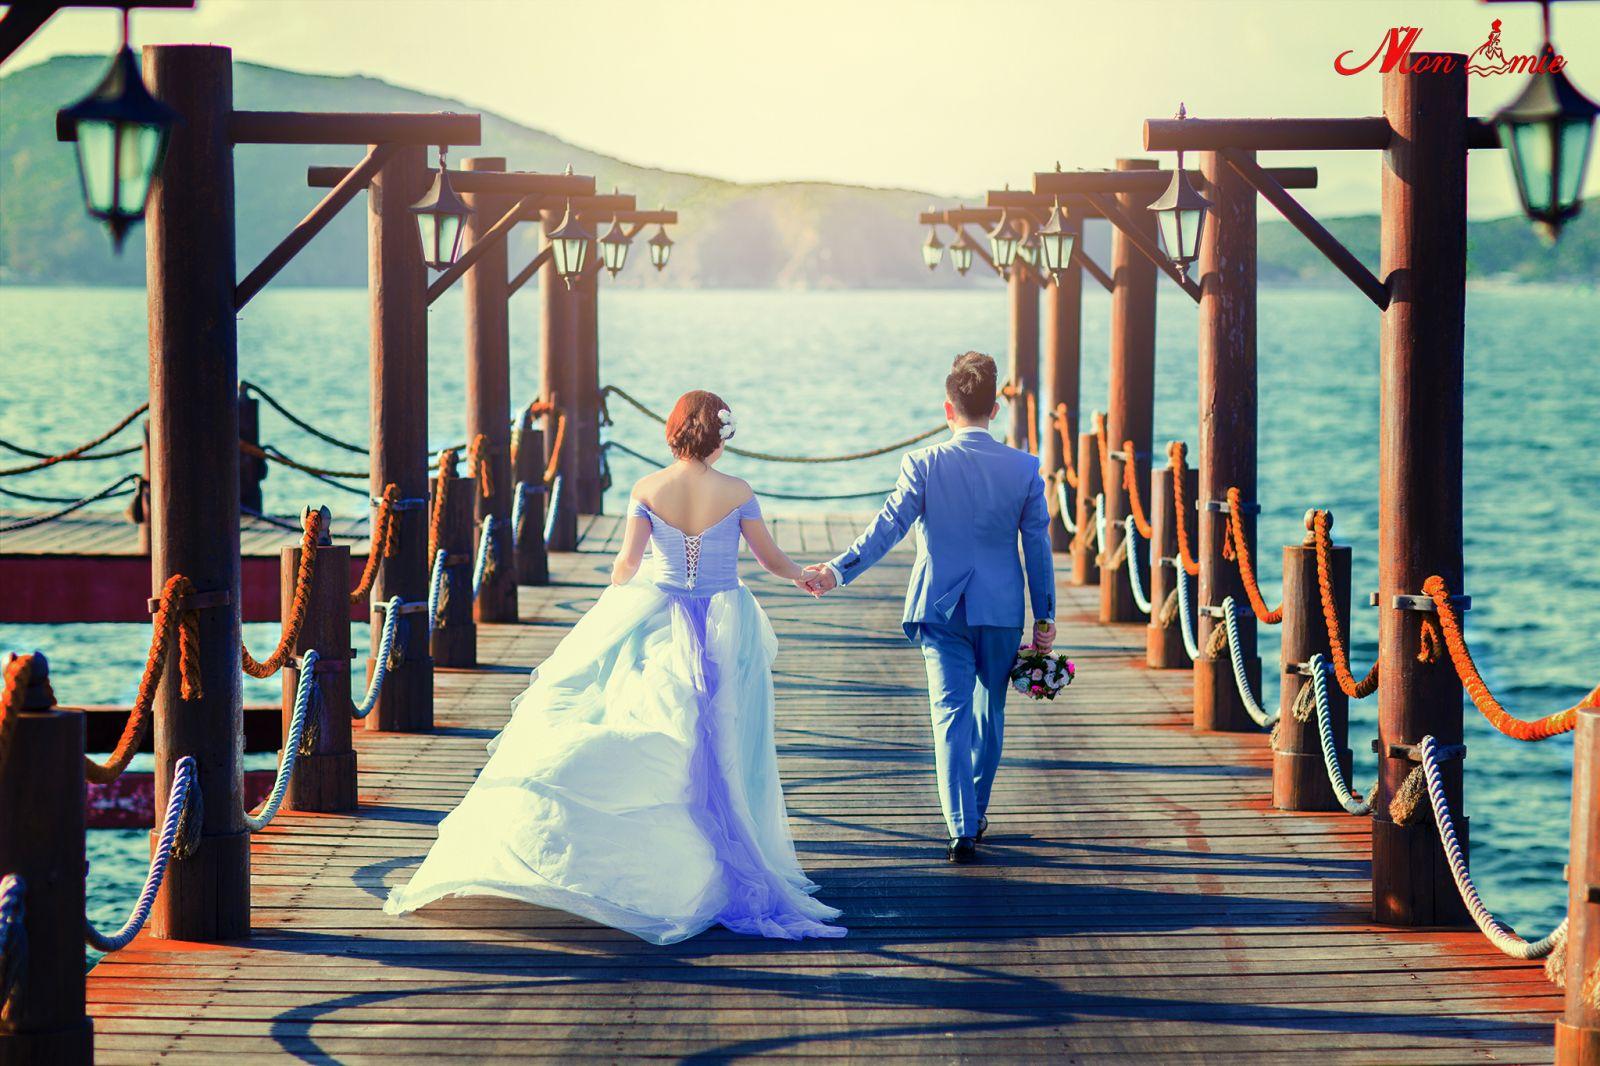 Chụp ảnh cưới ở Hòn Tằm - Du lịch Nha Trang 3 ngày 2 đêm